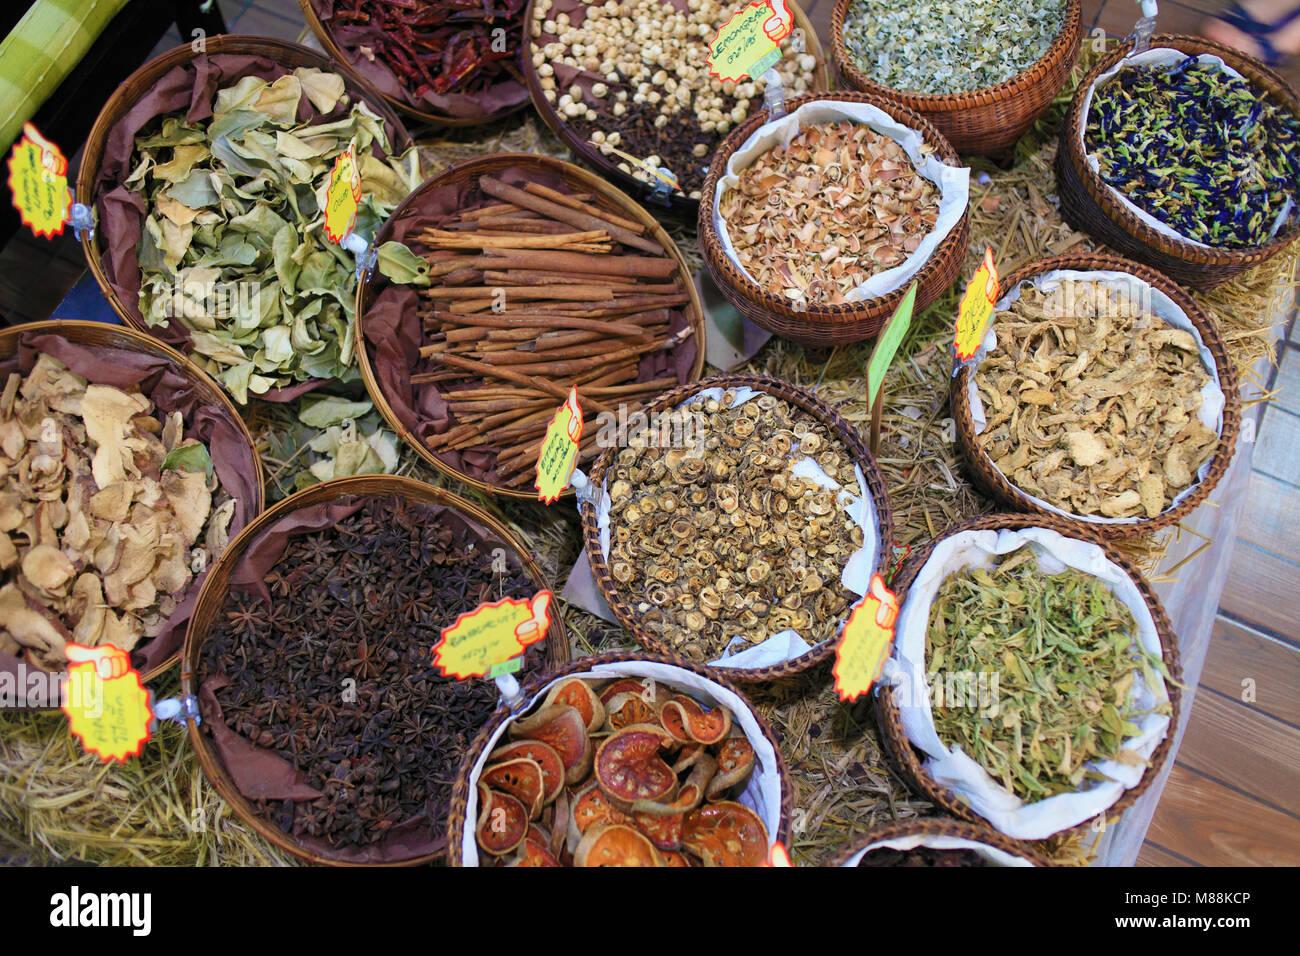 La Thaïlande, Chiang Mai, fines herbes et épices, boutique, Photo Stock